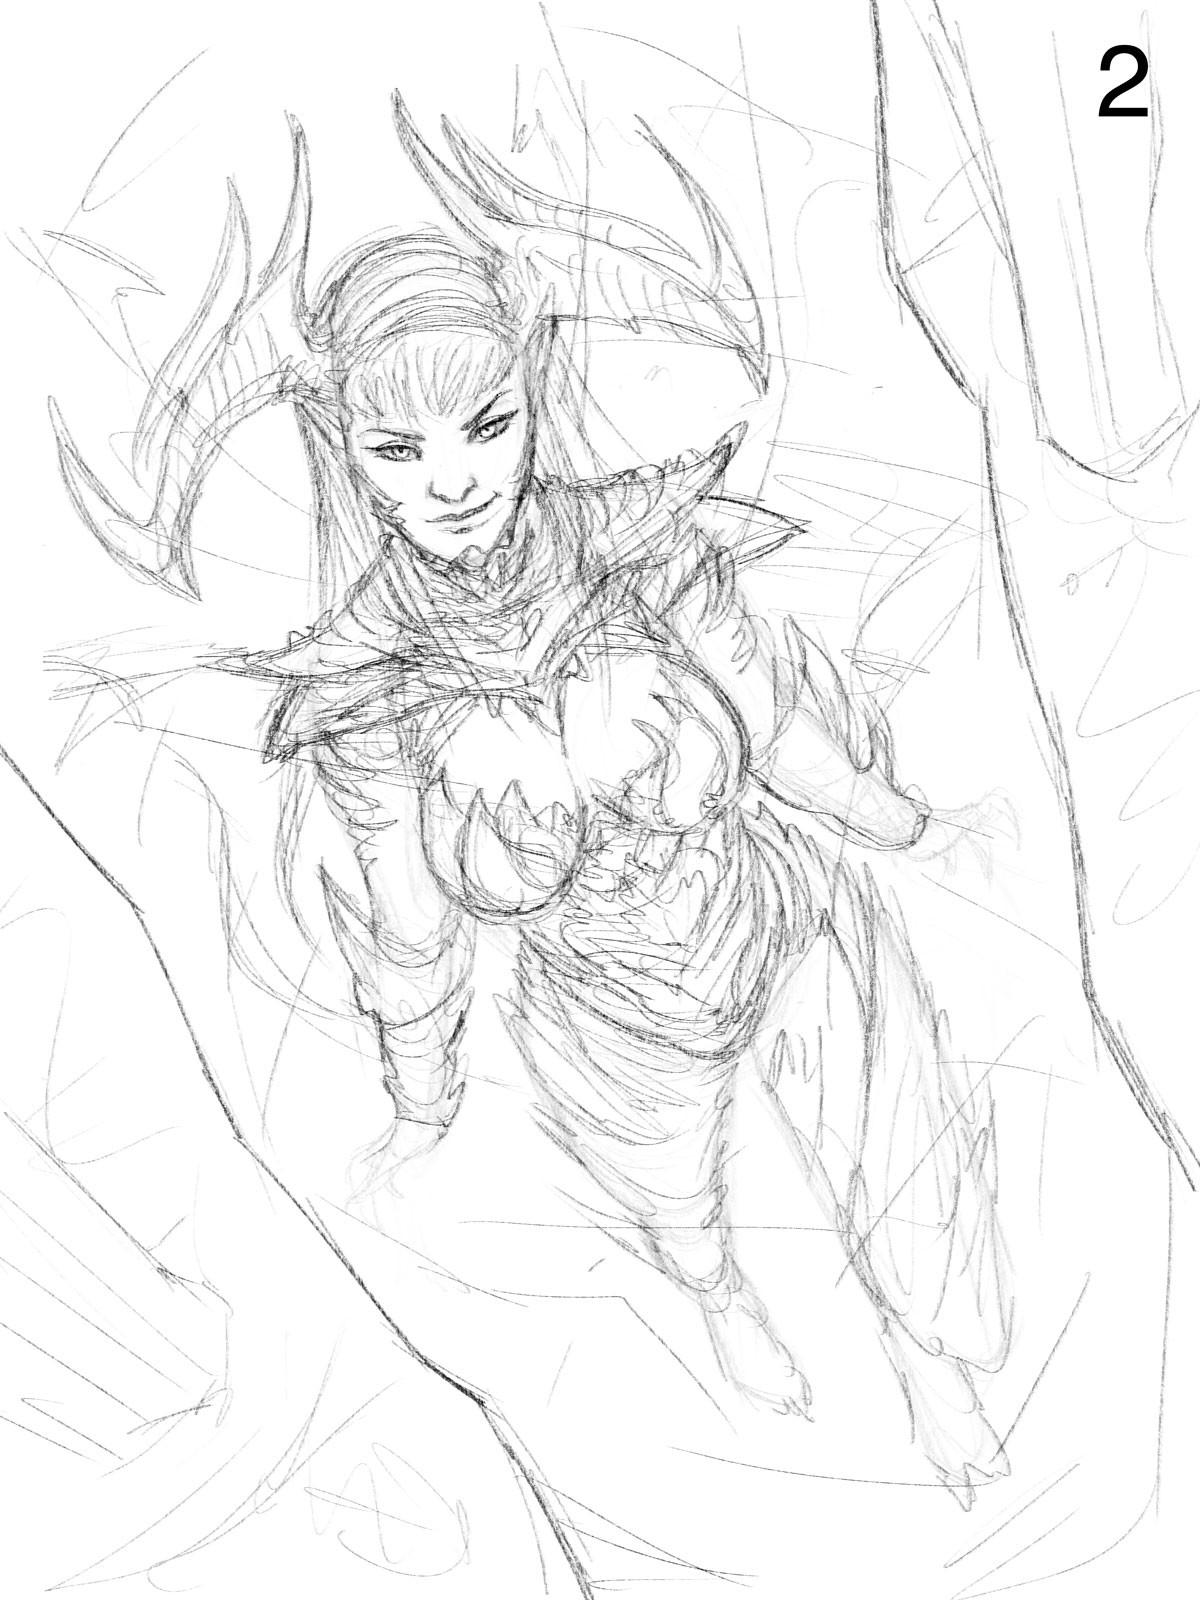 sketch option 2